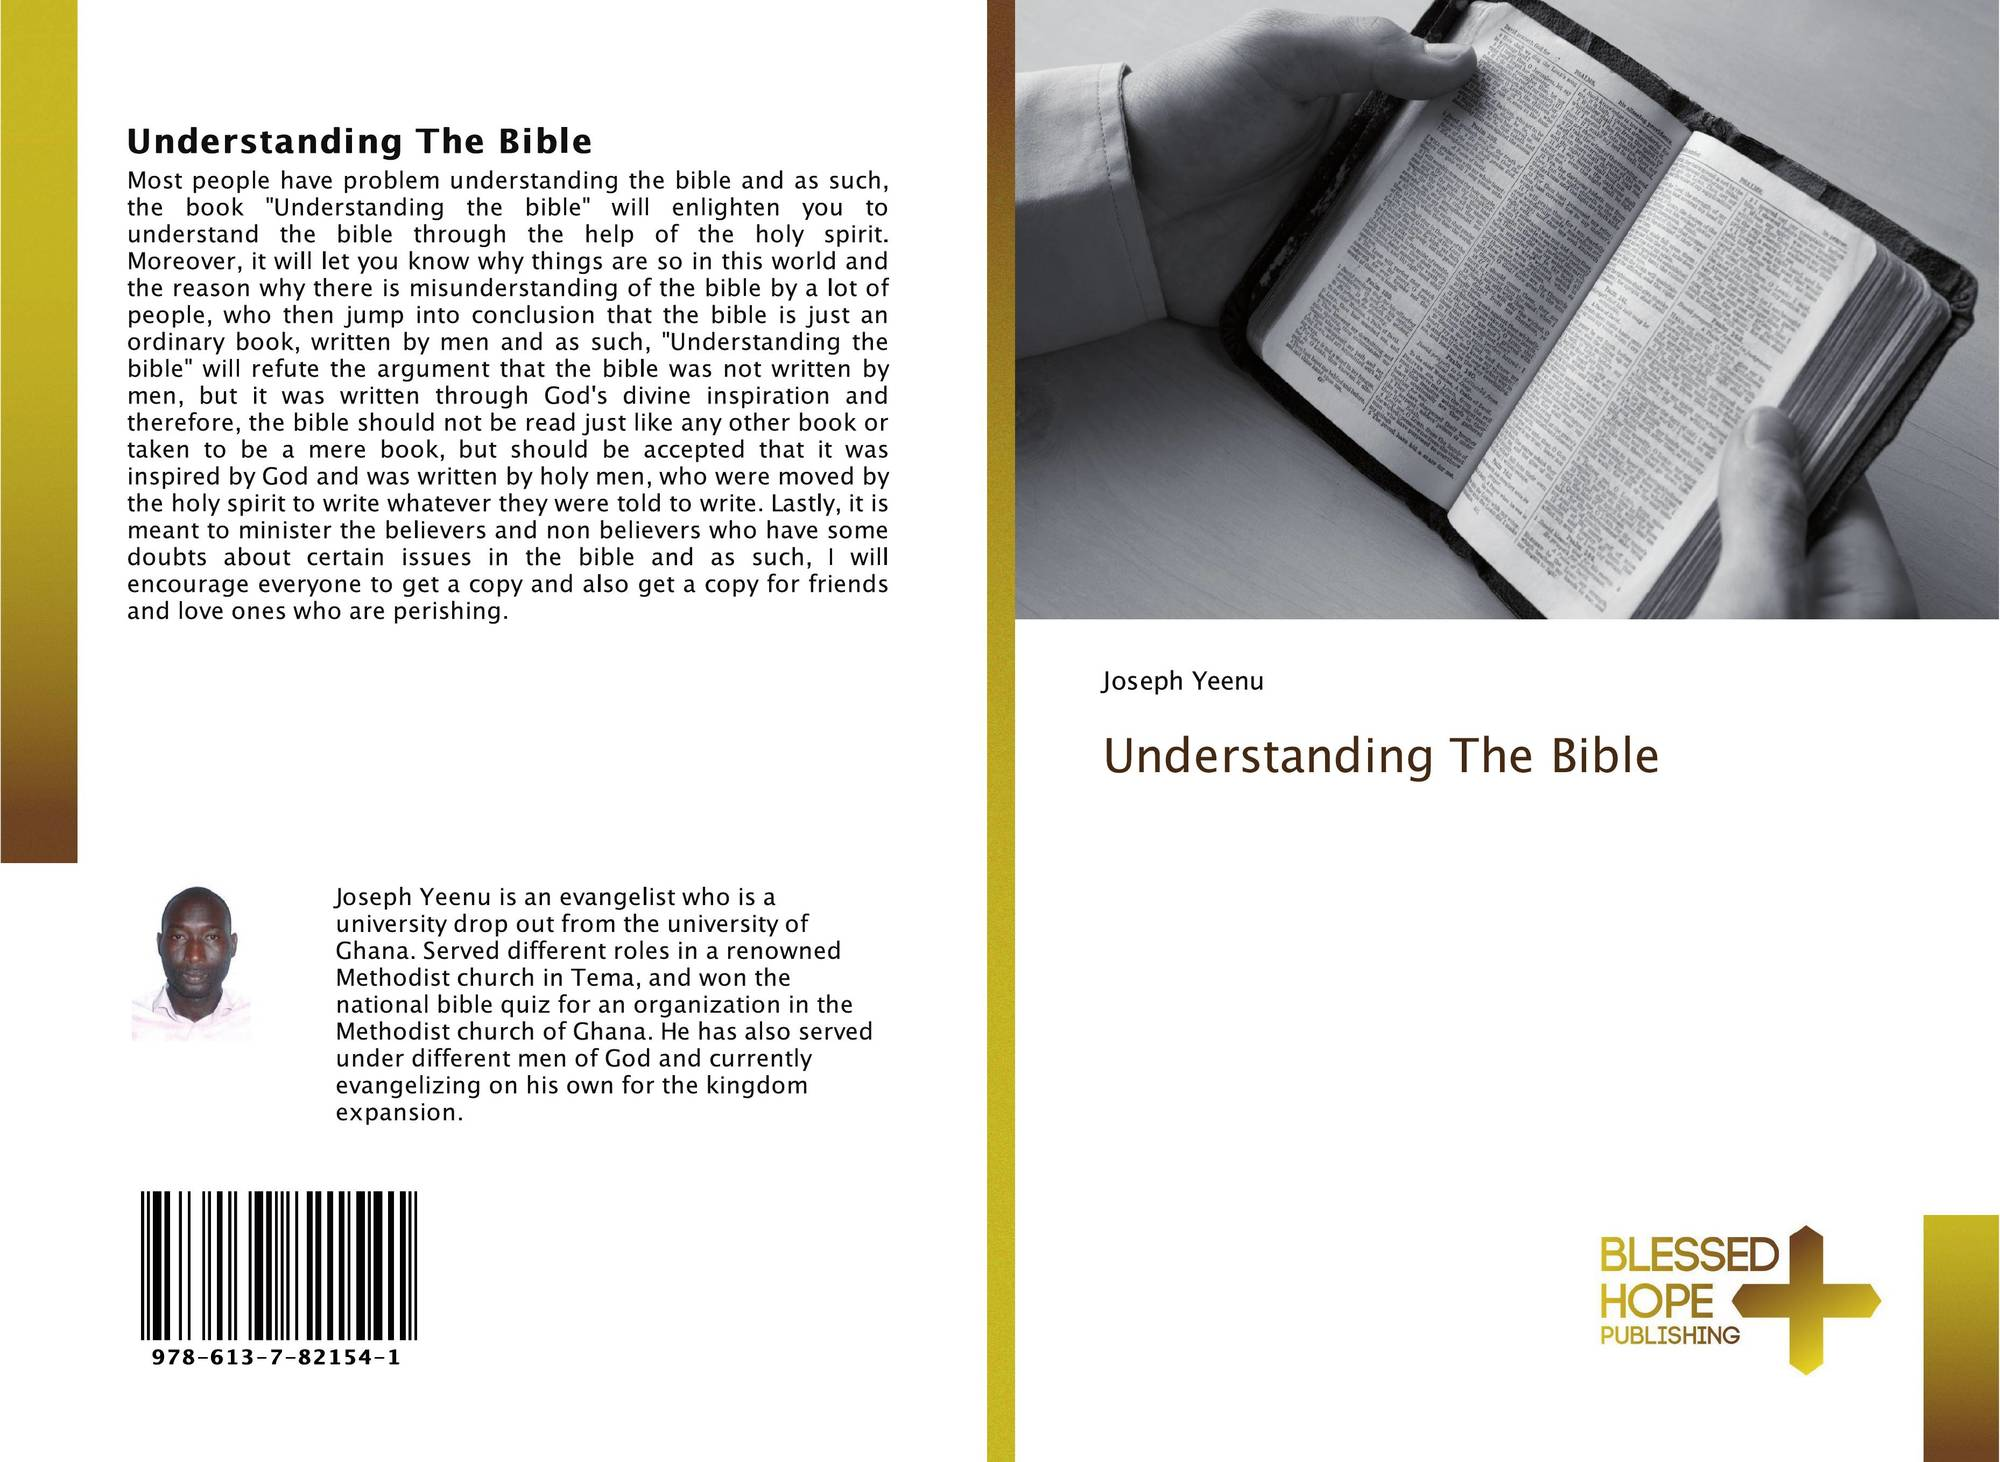 Understanding The Bible, 978-613-7-82154-1, 6137821544